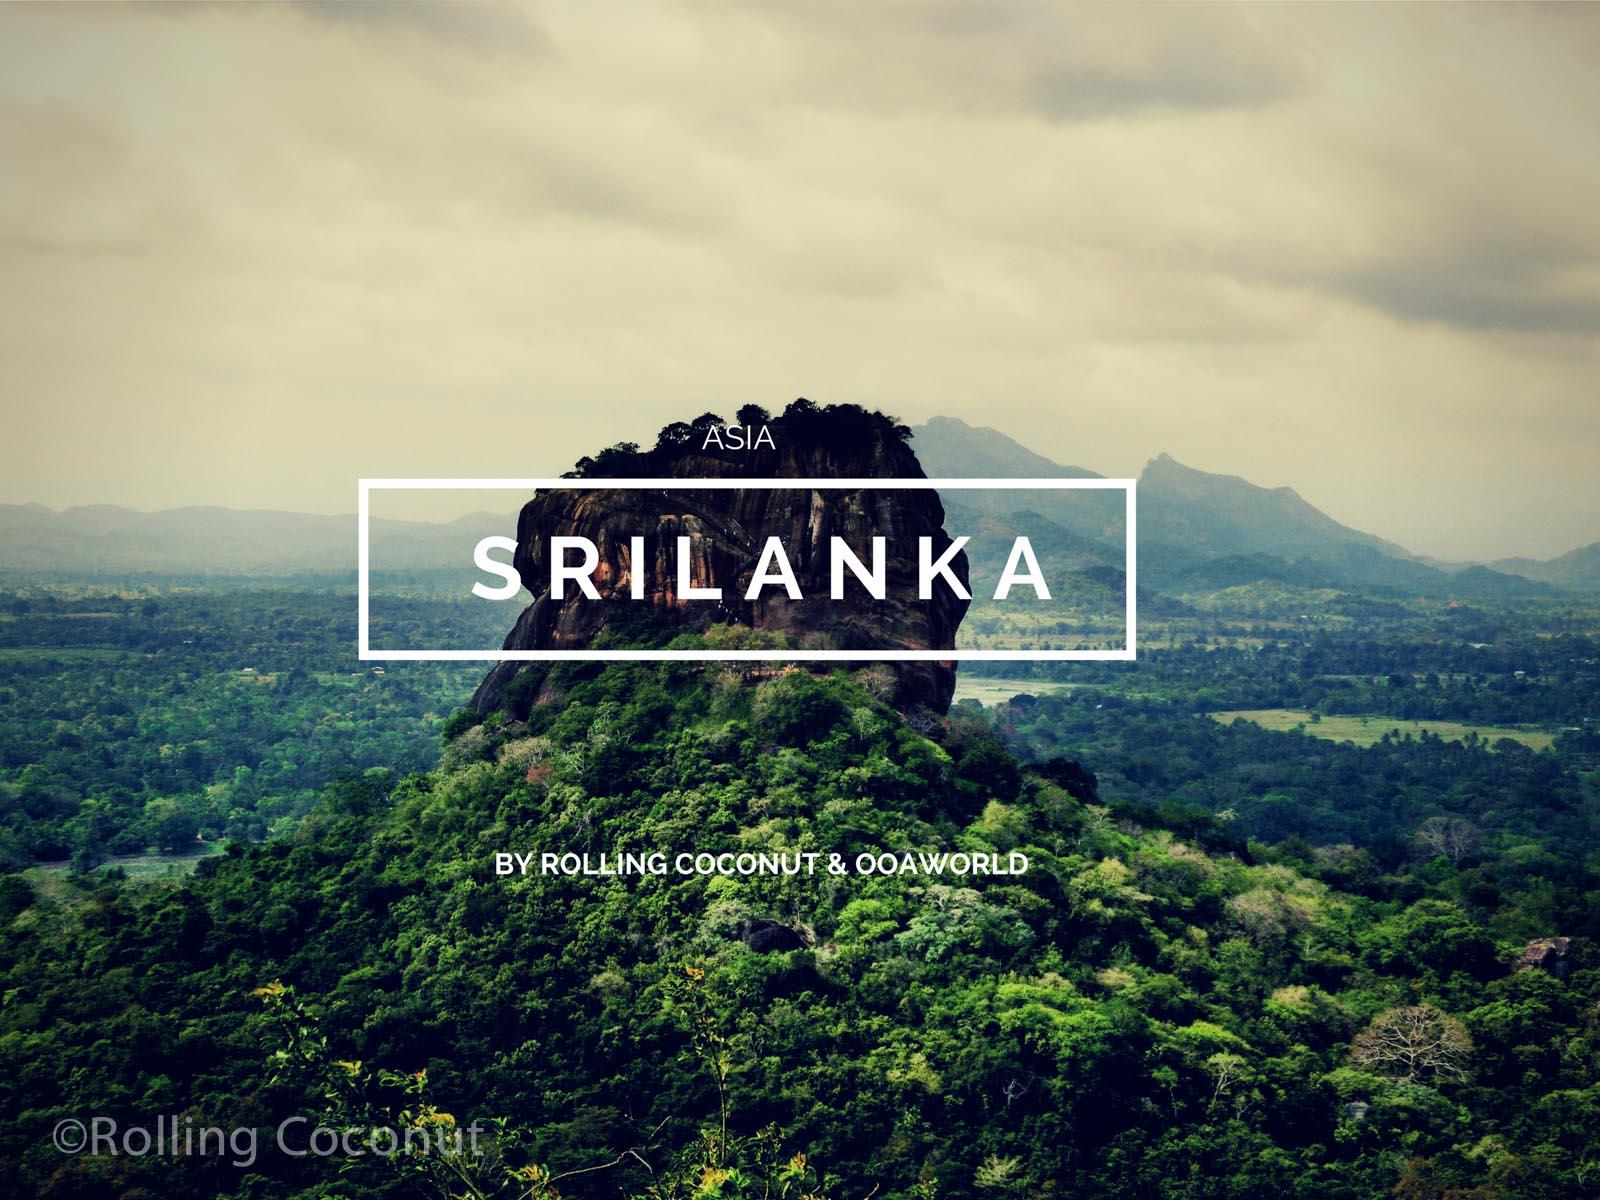 Sri Lanka Travel Ooaworld Rolling Coconut Photo Ooaworld